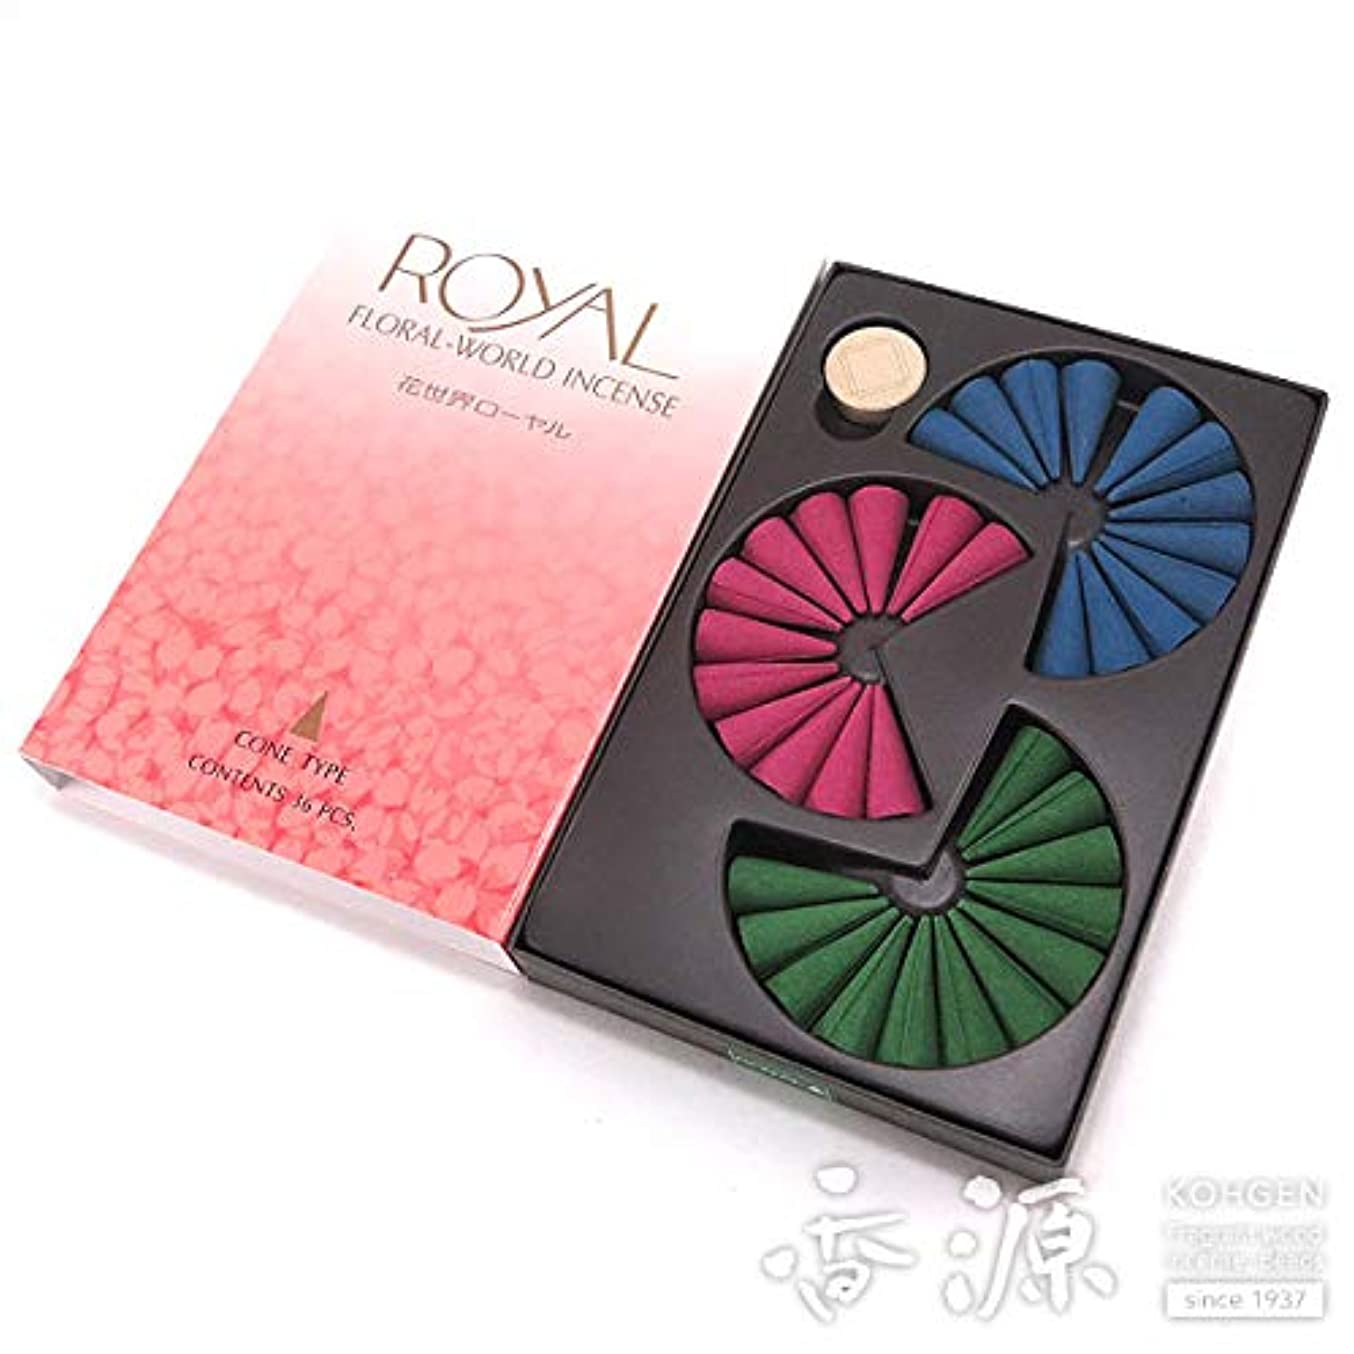 変更インレイ同様に松栄堂のお香 花世界ローヤル CO36粒入 簡易香立付 #220411